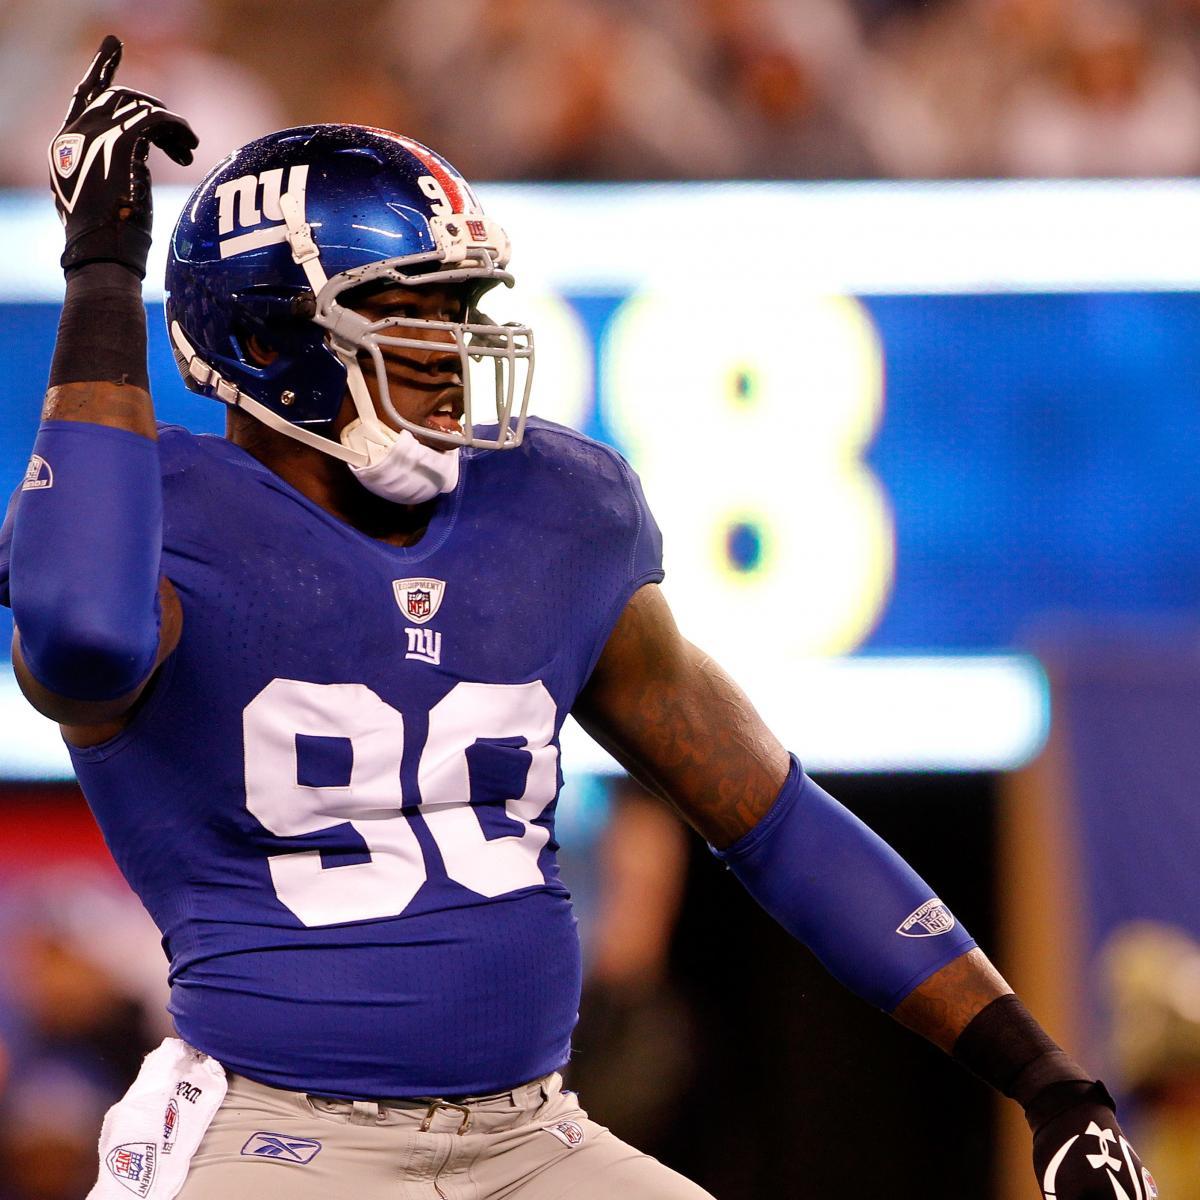 Week 11 Giants Vs Packers: Giants Vs. Packers: Giants D-Line Crucial Vs. Aaron